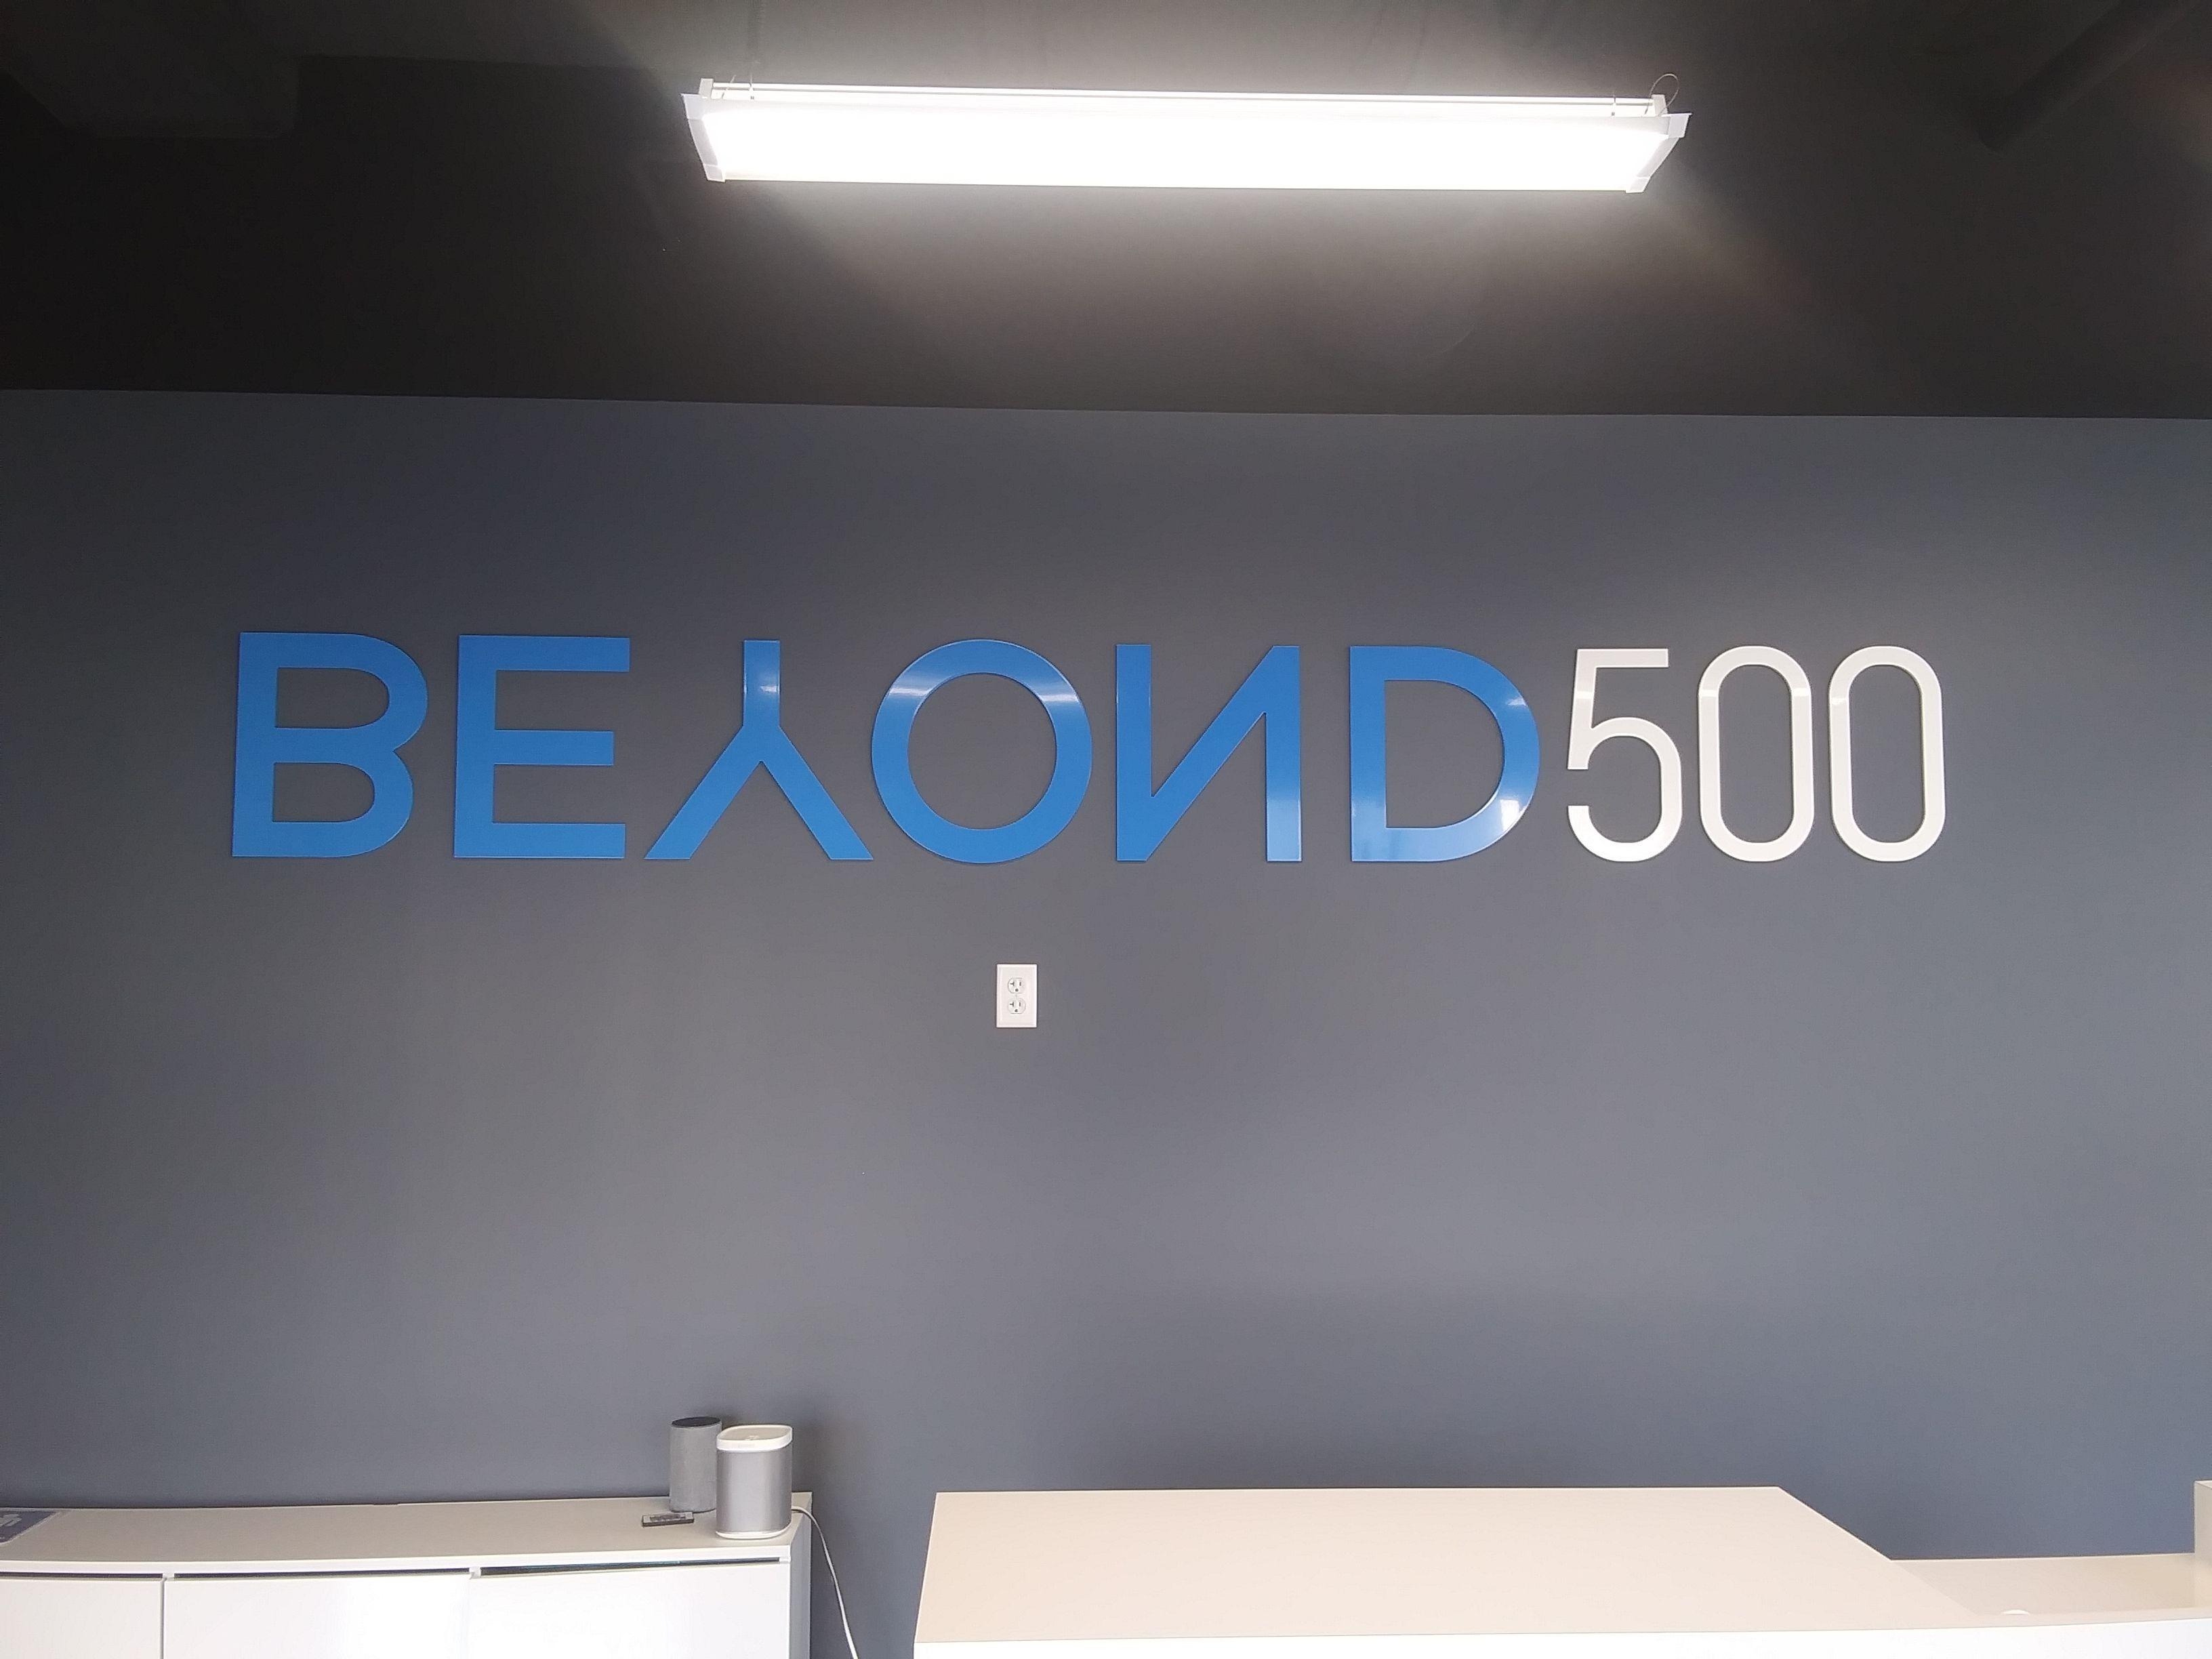 Beyond 500